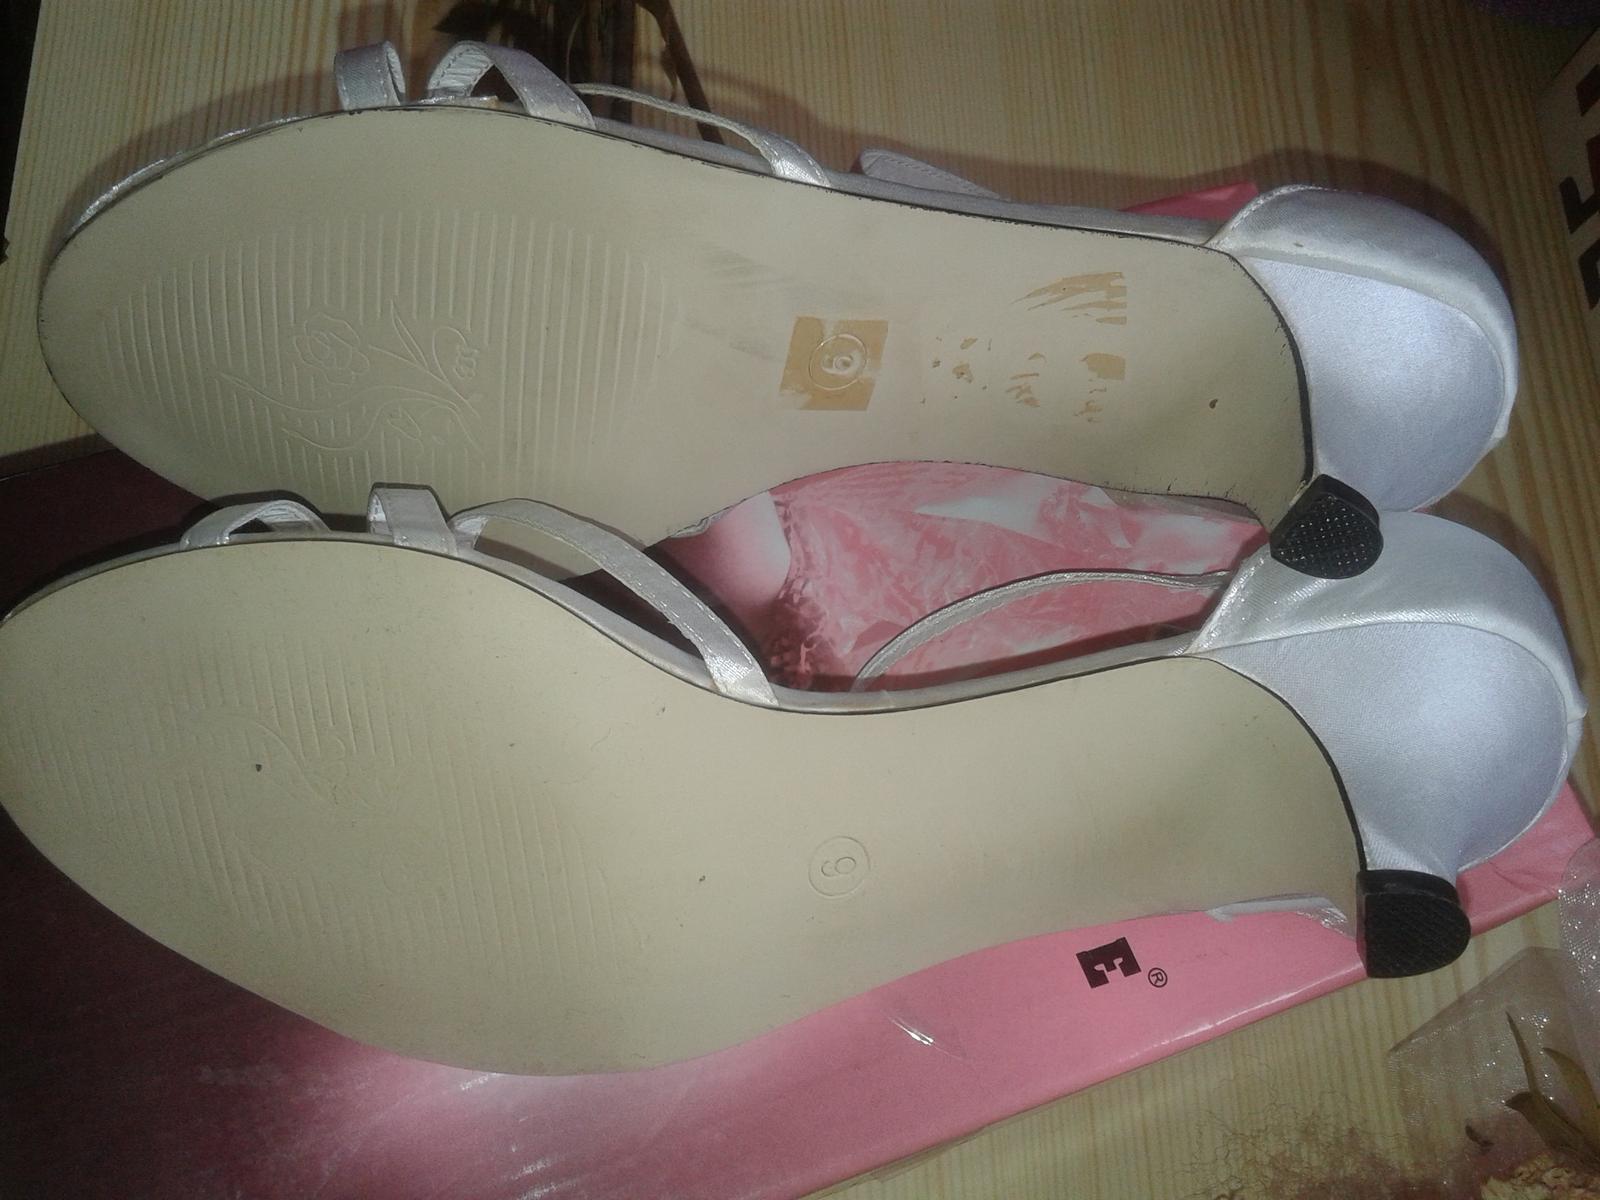 biele nizke sandalky 4.5 cm opatok, velkost 6 - Obrázok č. 3